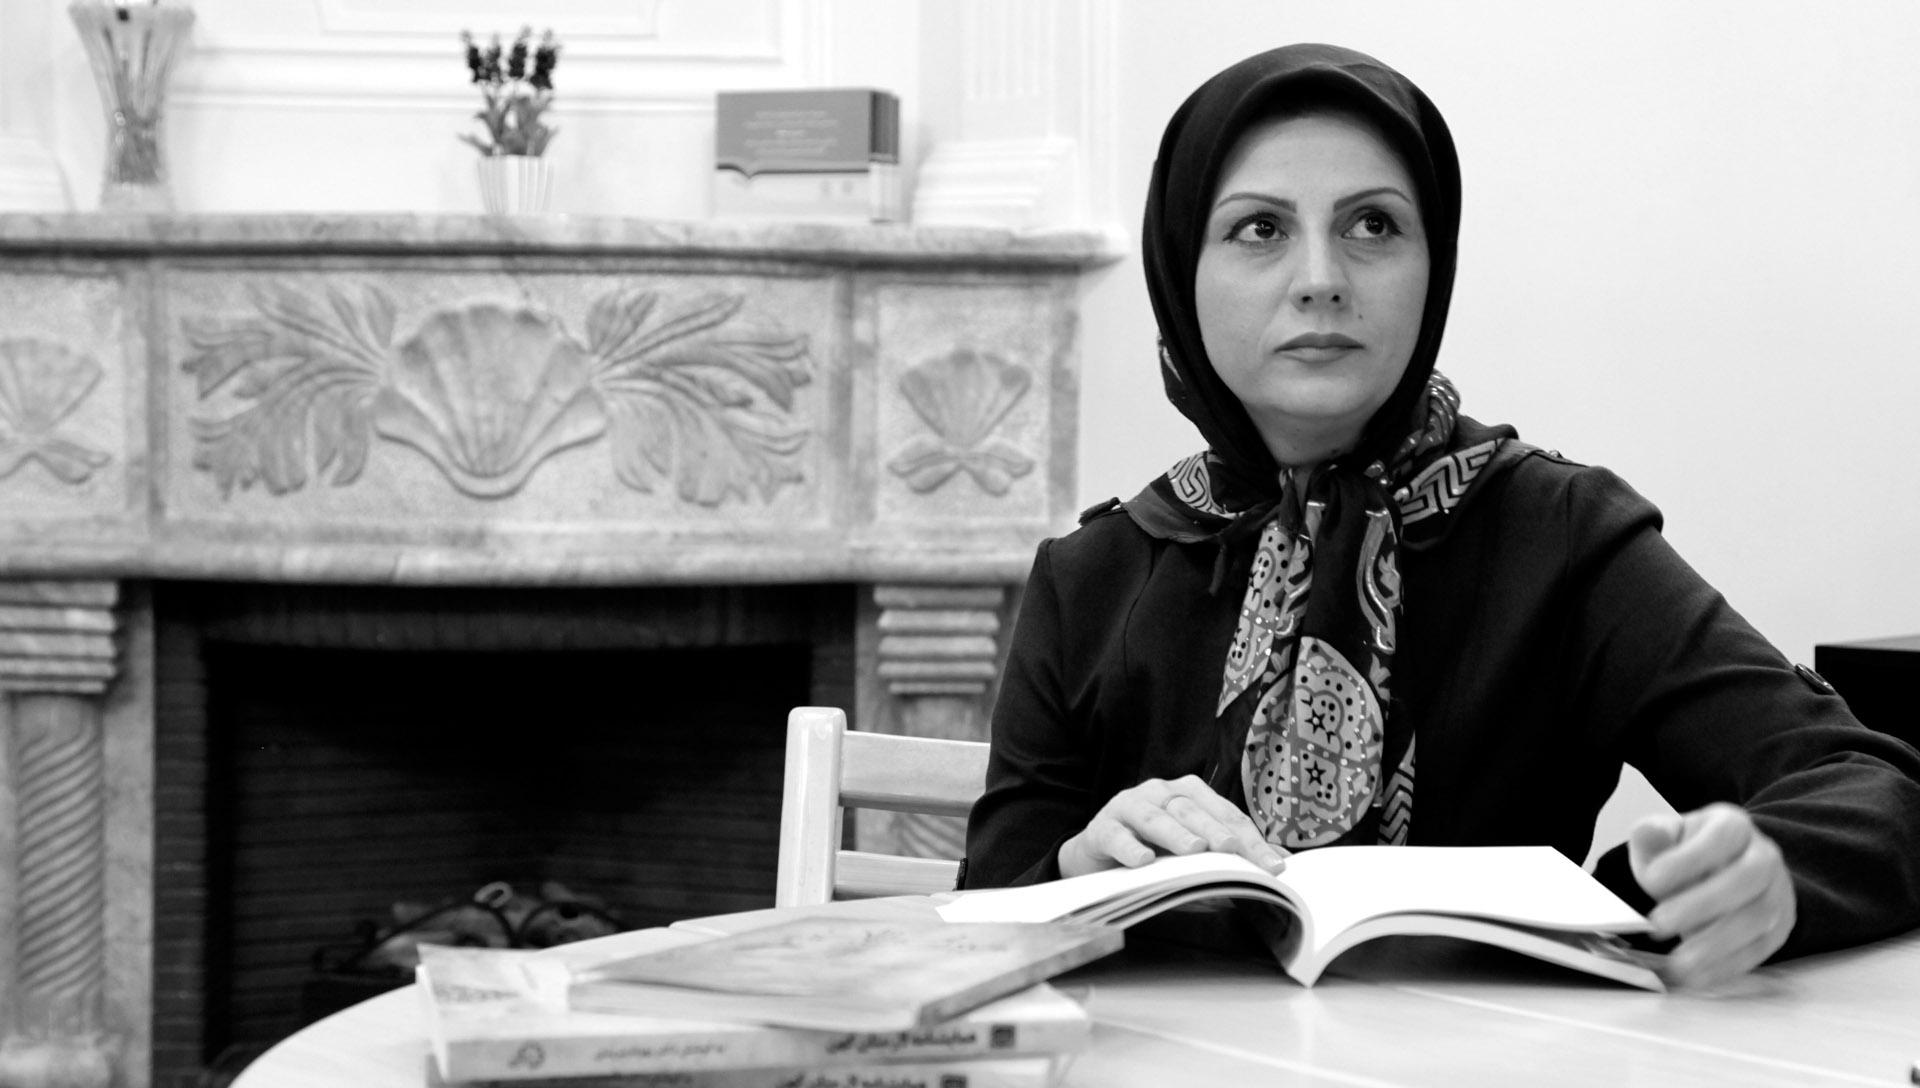 مستند واسونک دکتر ساره شهپر - گروه فیلم سازی زوم شیراز - برادران شریفی